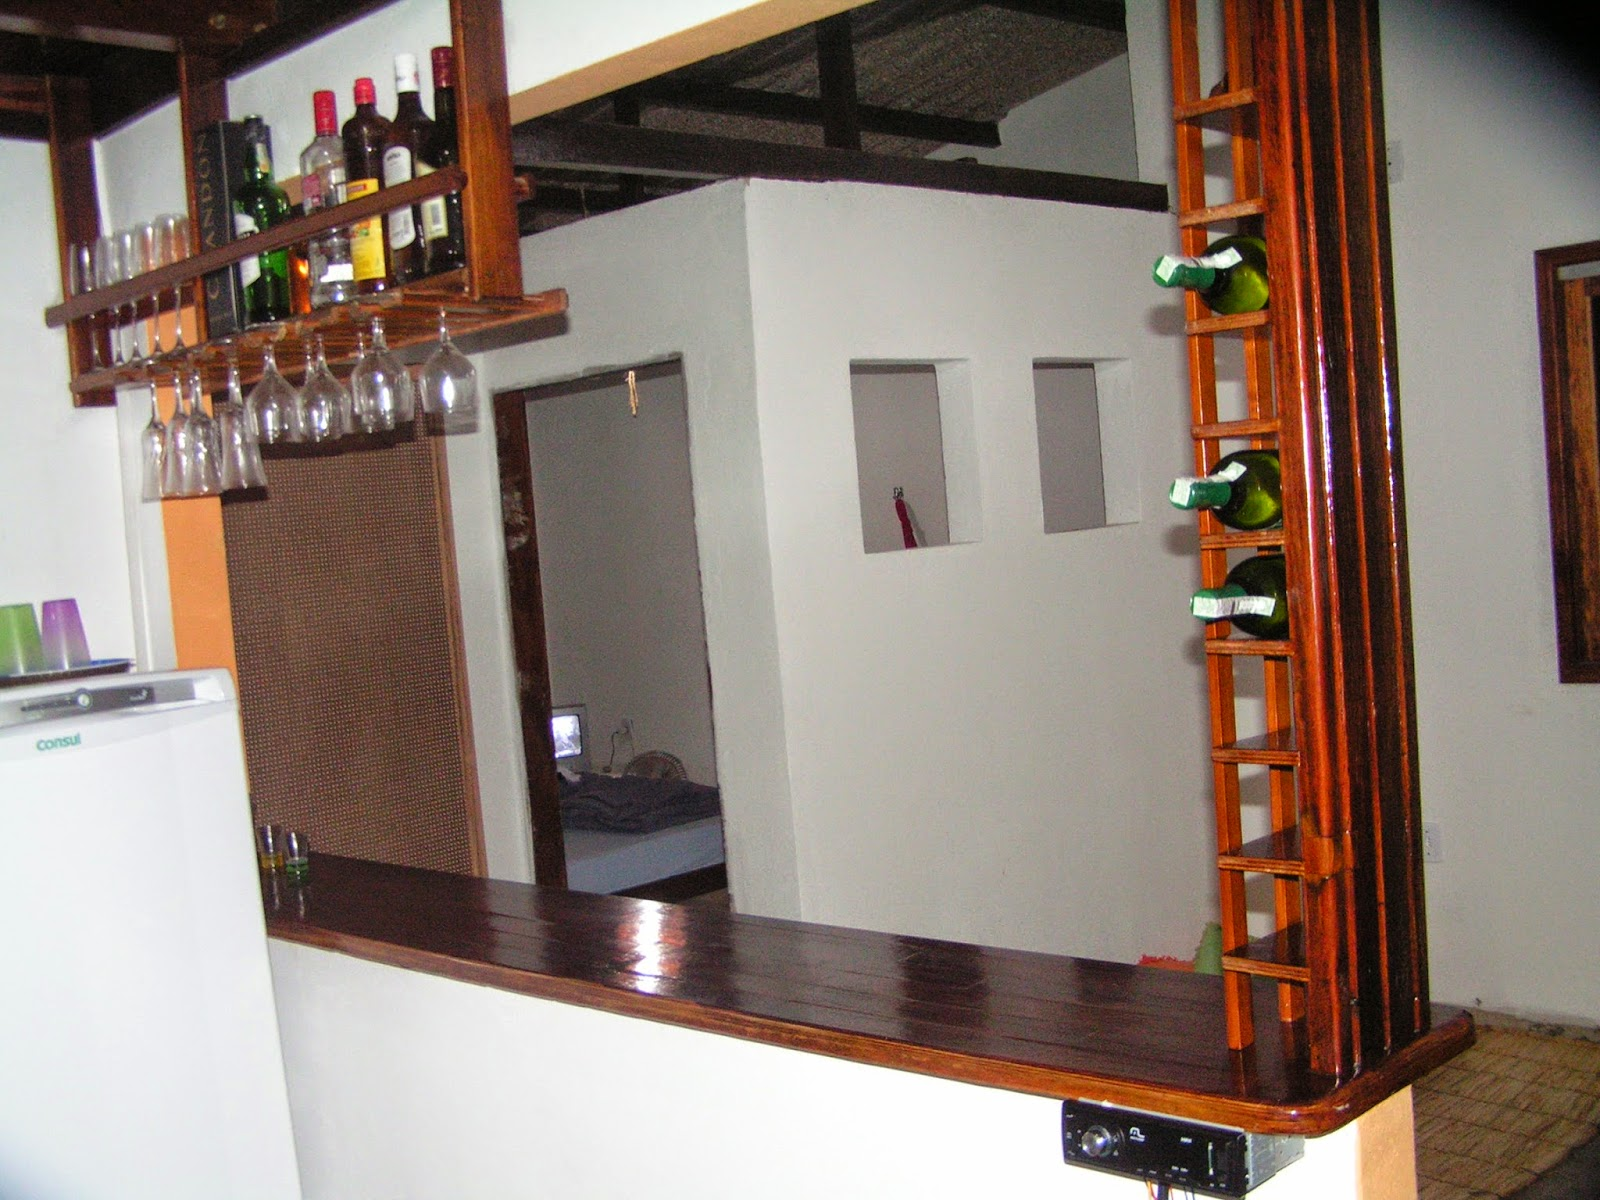 #BA4211  de demoliçã0 com capacidade de 11 litros de vinho e 12 litros de 1600x1200 px Projetos De Cozinhas Para Bar #641 imagens